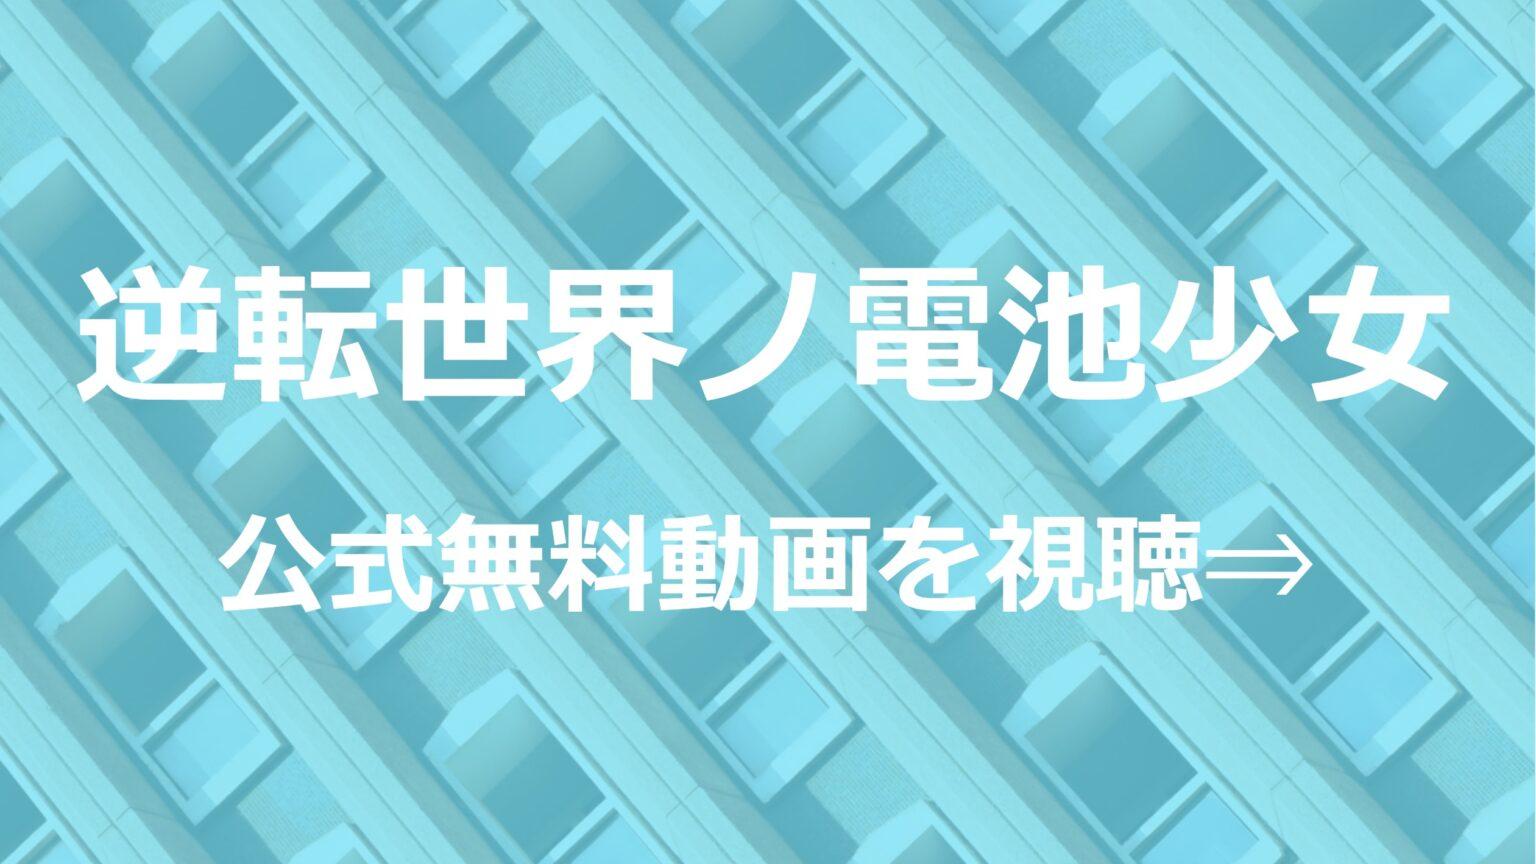 アニメ「逆転世界ノ電池少女」無料フル動画を1話~全話視聴できる公式配信サービスまとめ!